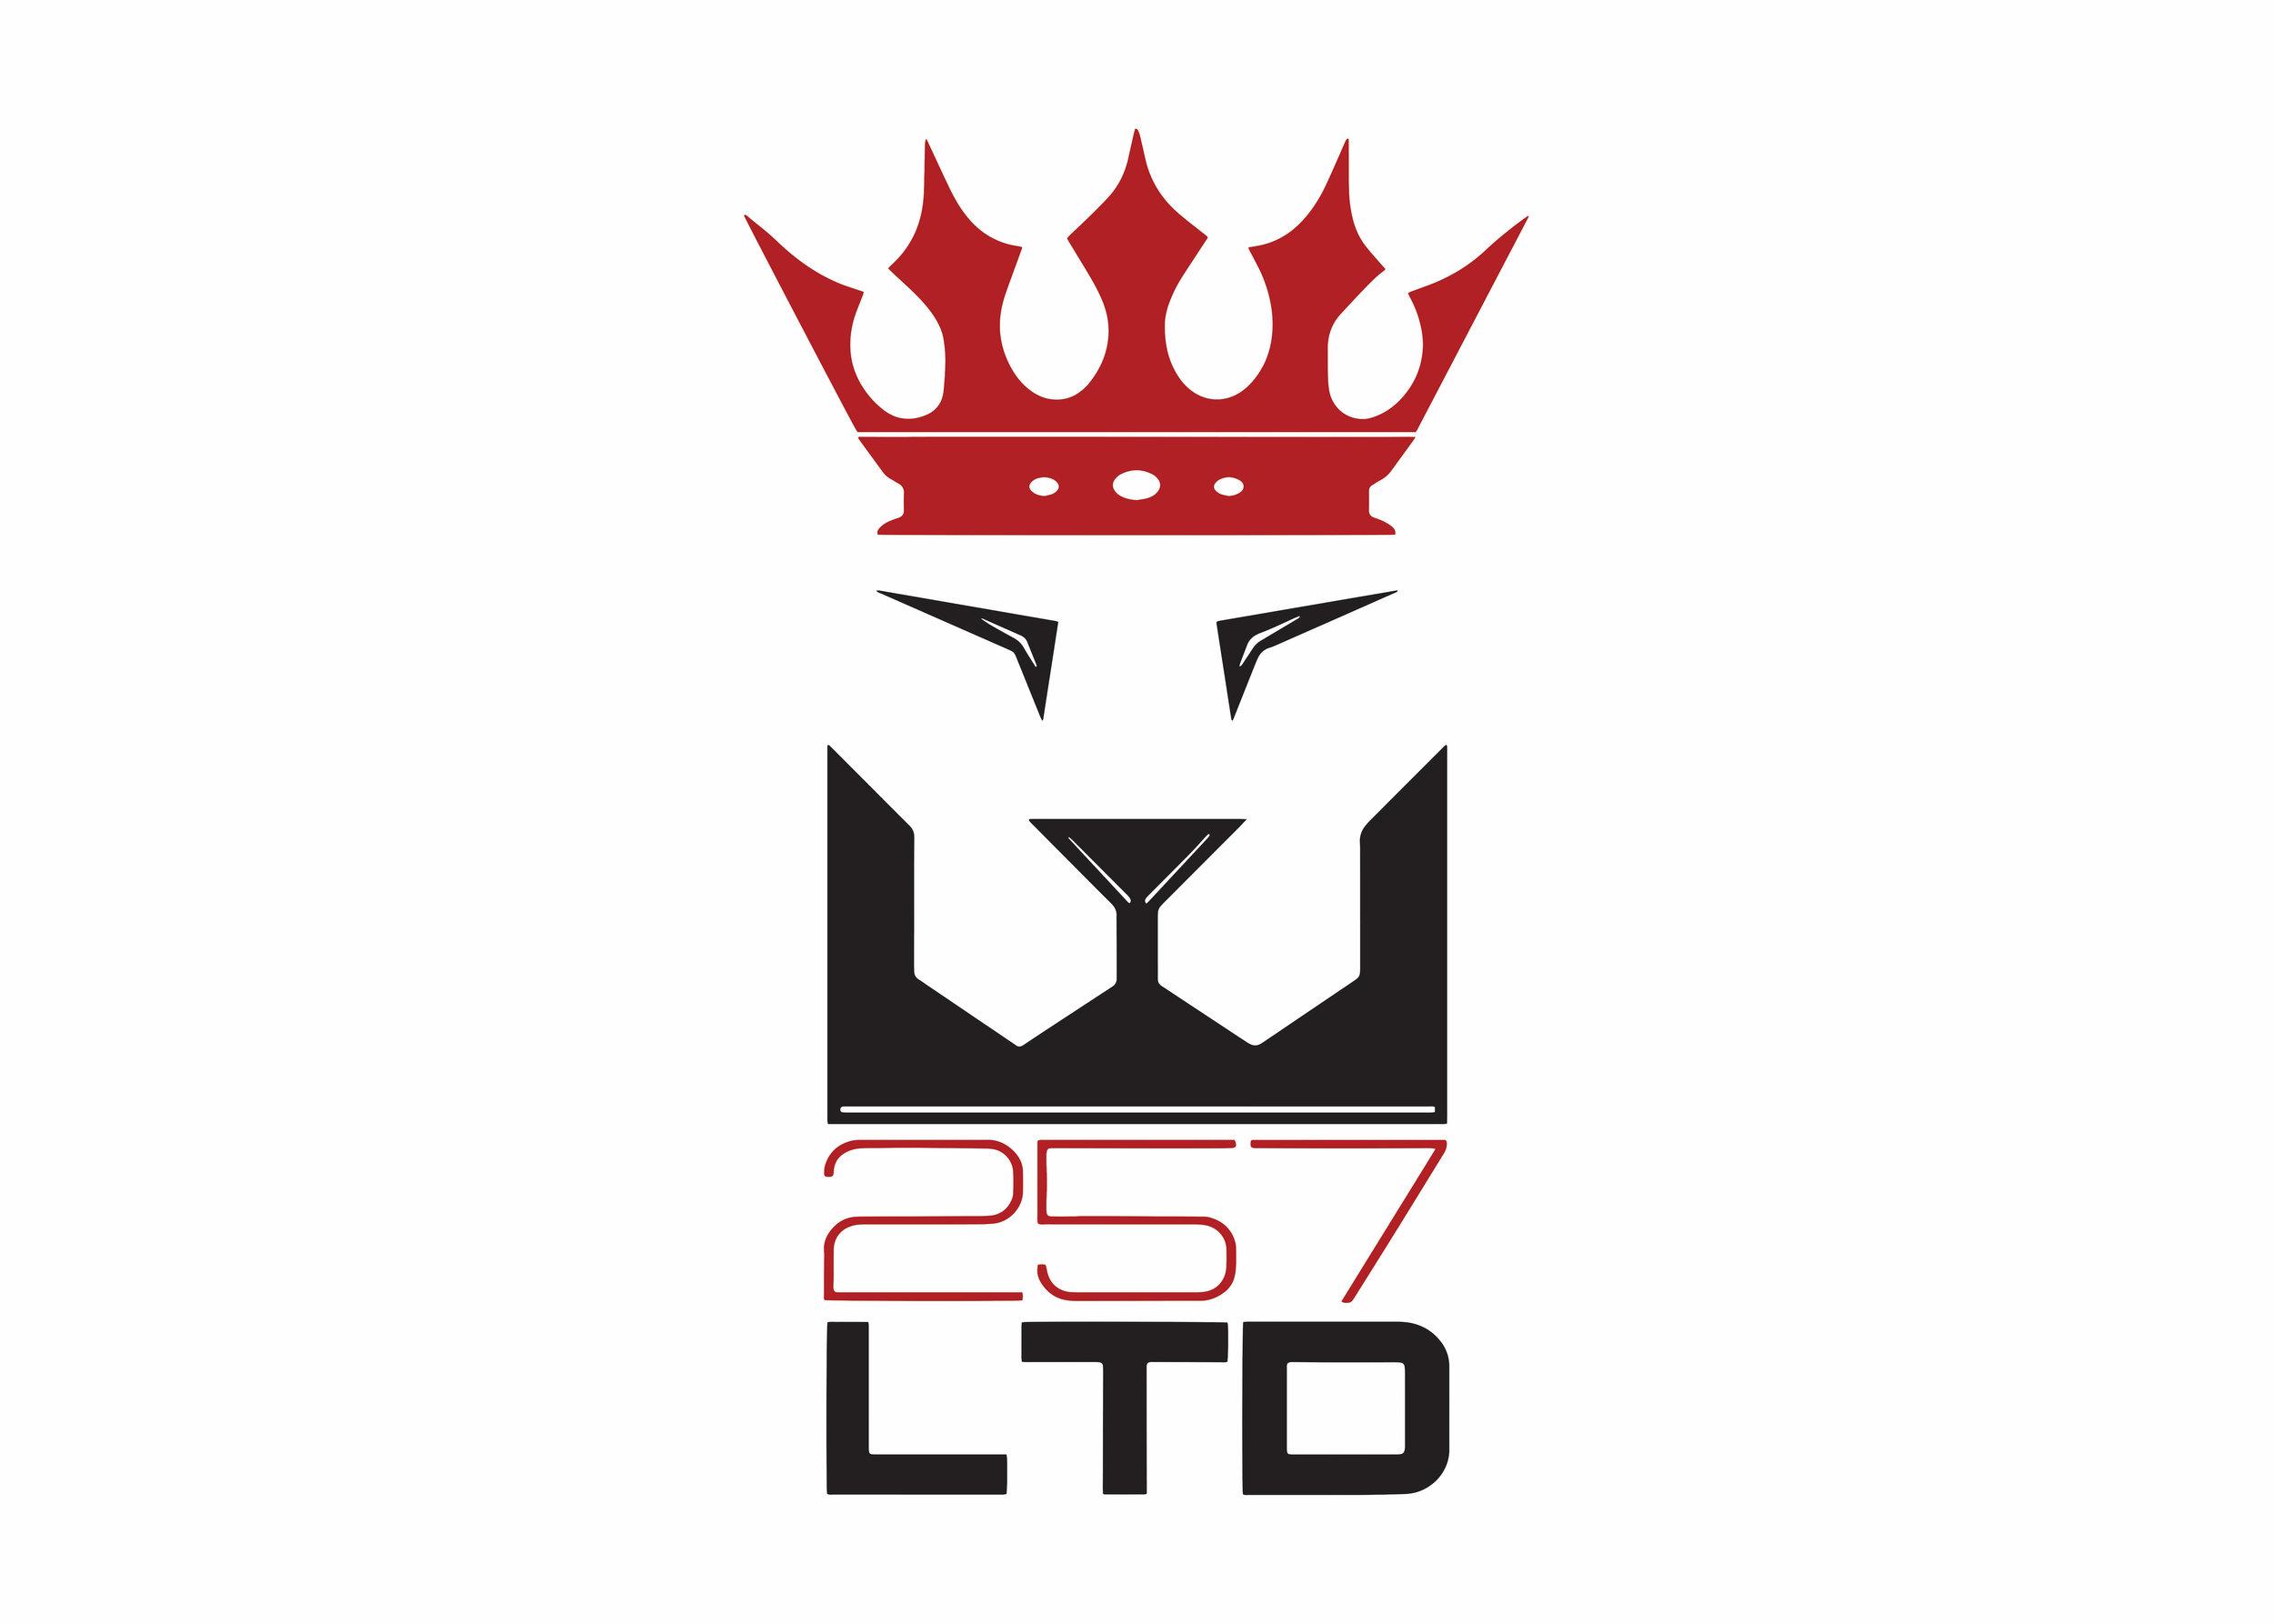 257 LTD